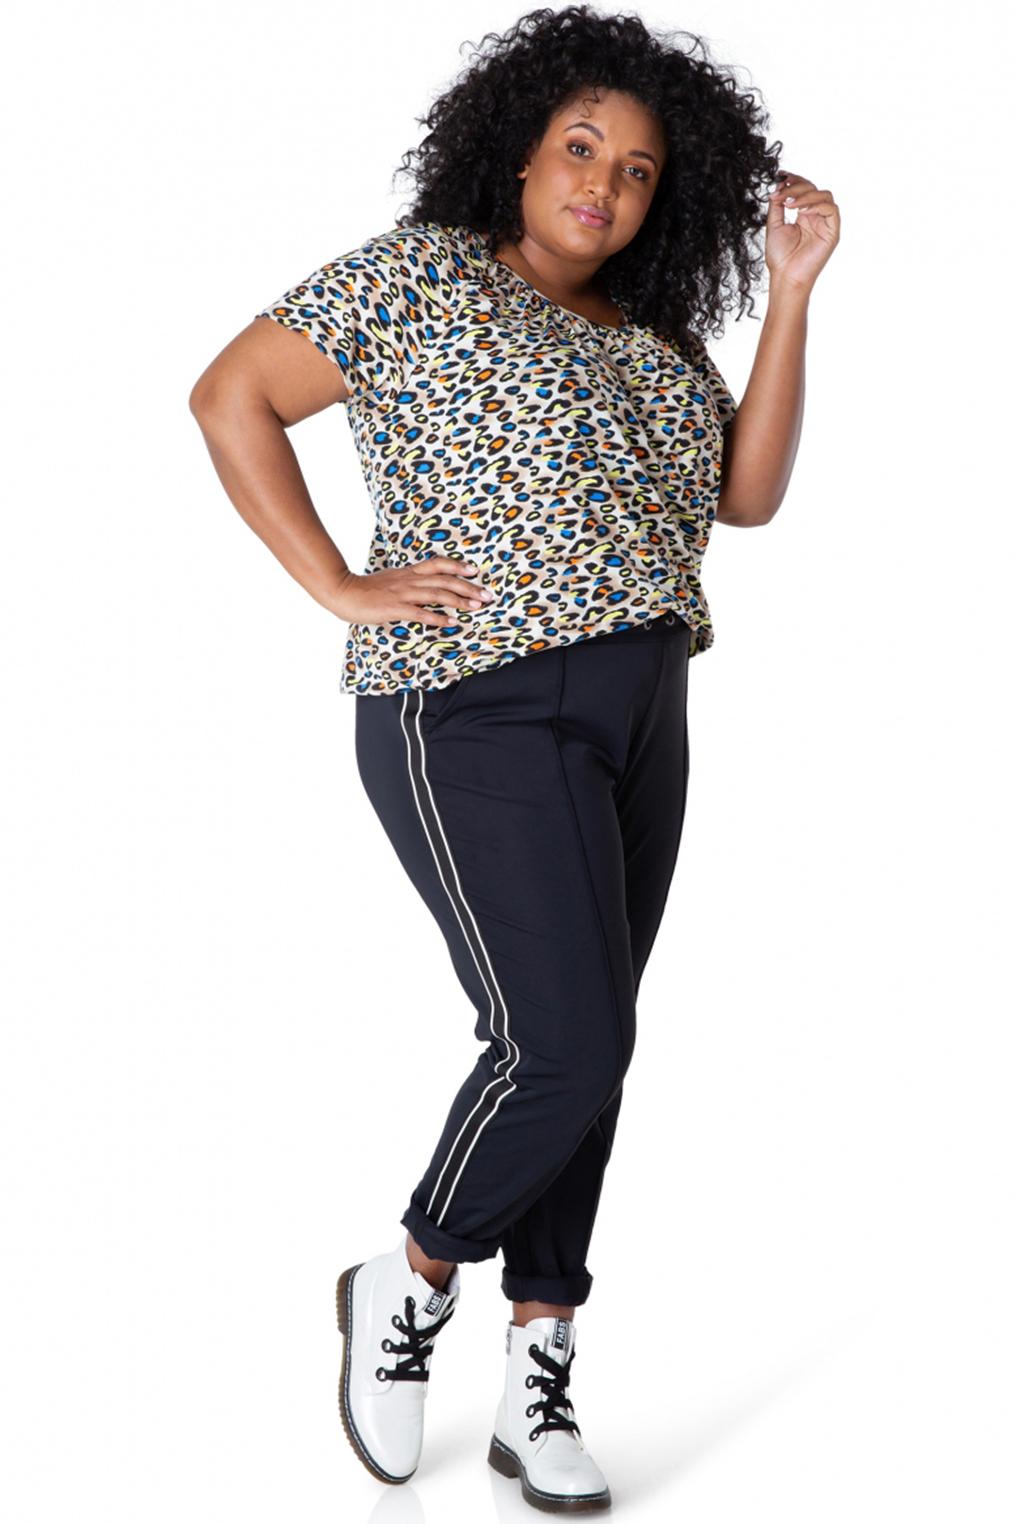 Shirt Evony BY BELLA 74 cm